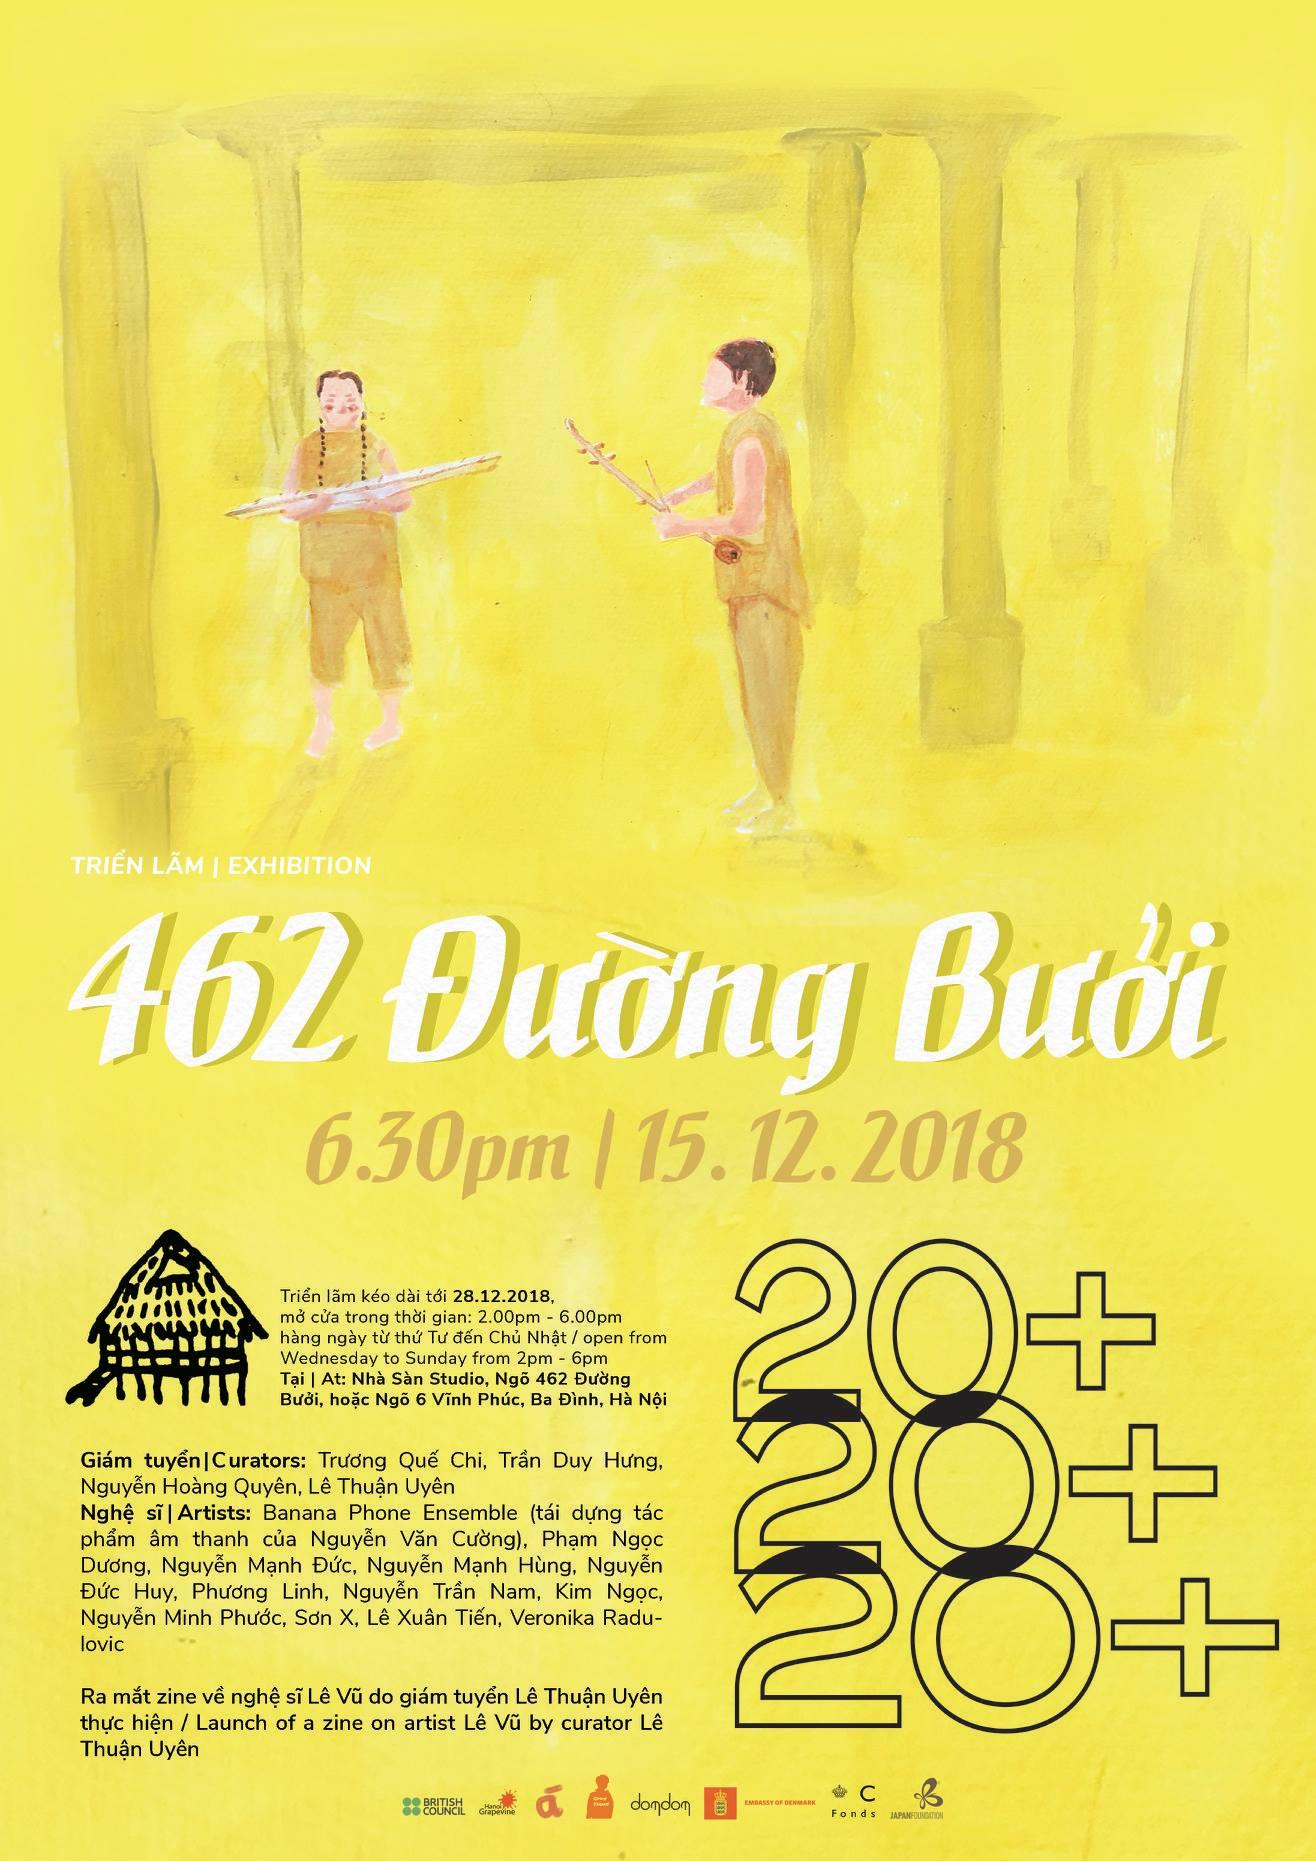 Exhibition 462 ĐƯỜNG BƯỞI